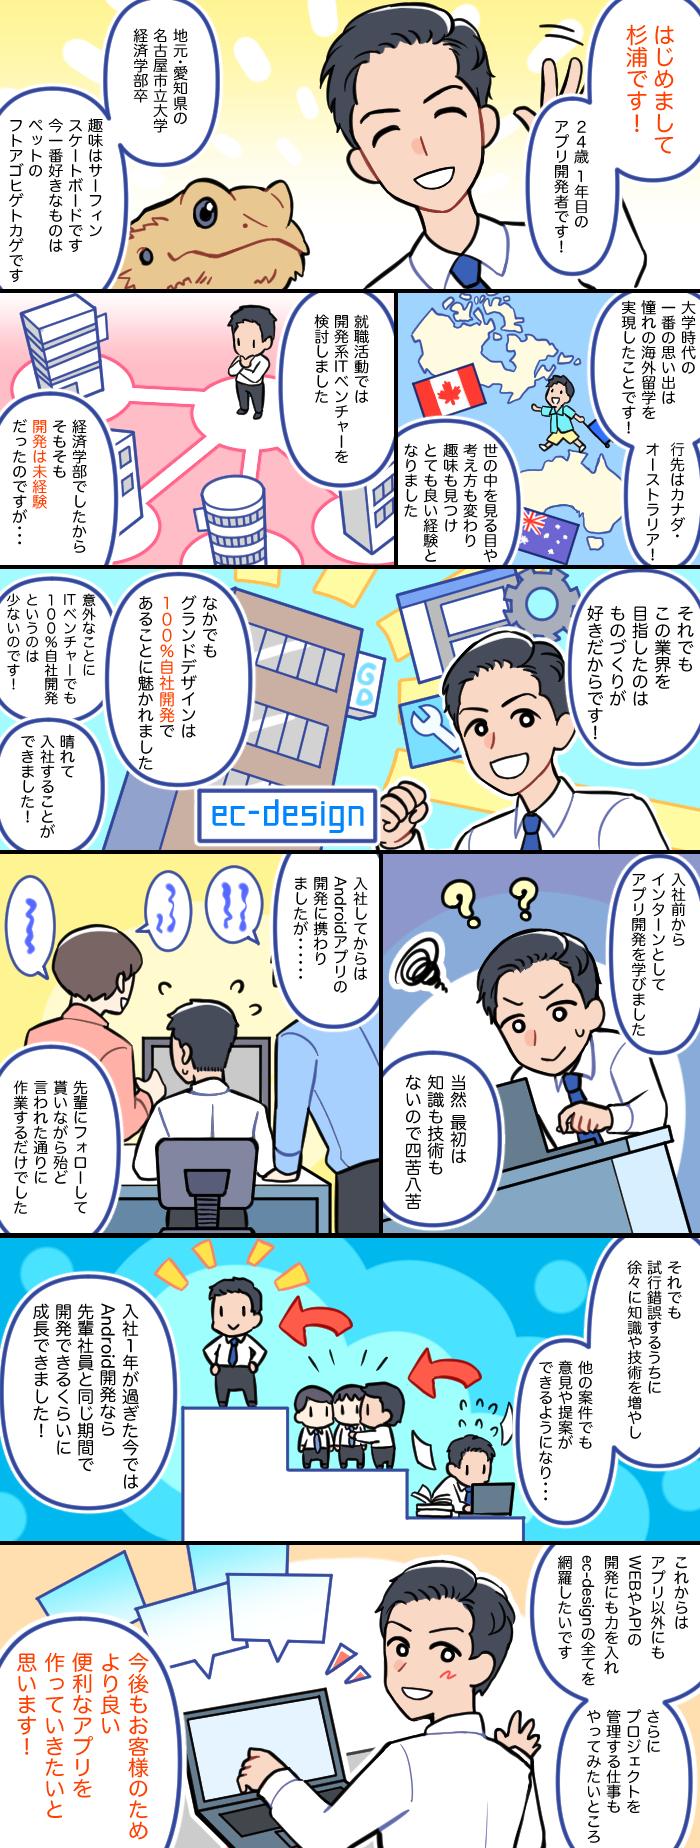 2019年入社 プログラマー 自己紹介漫画